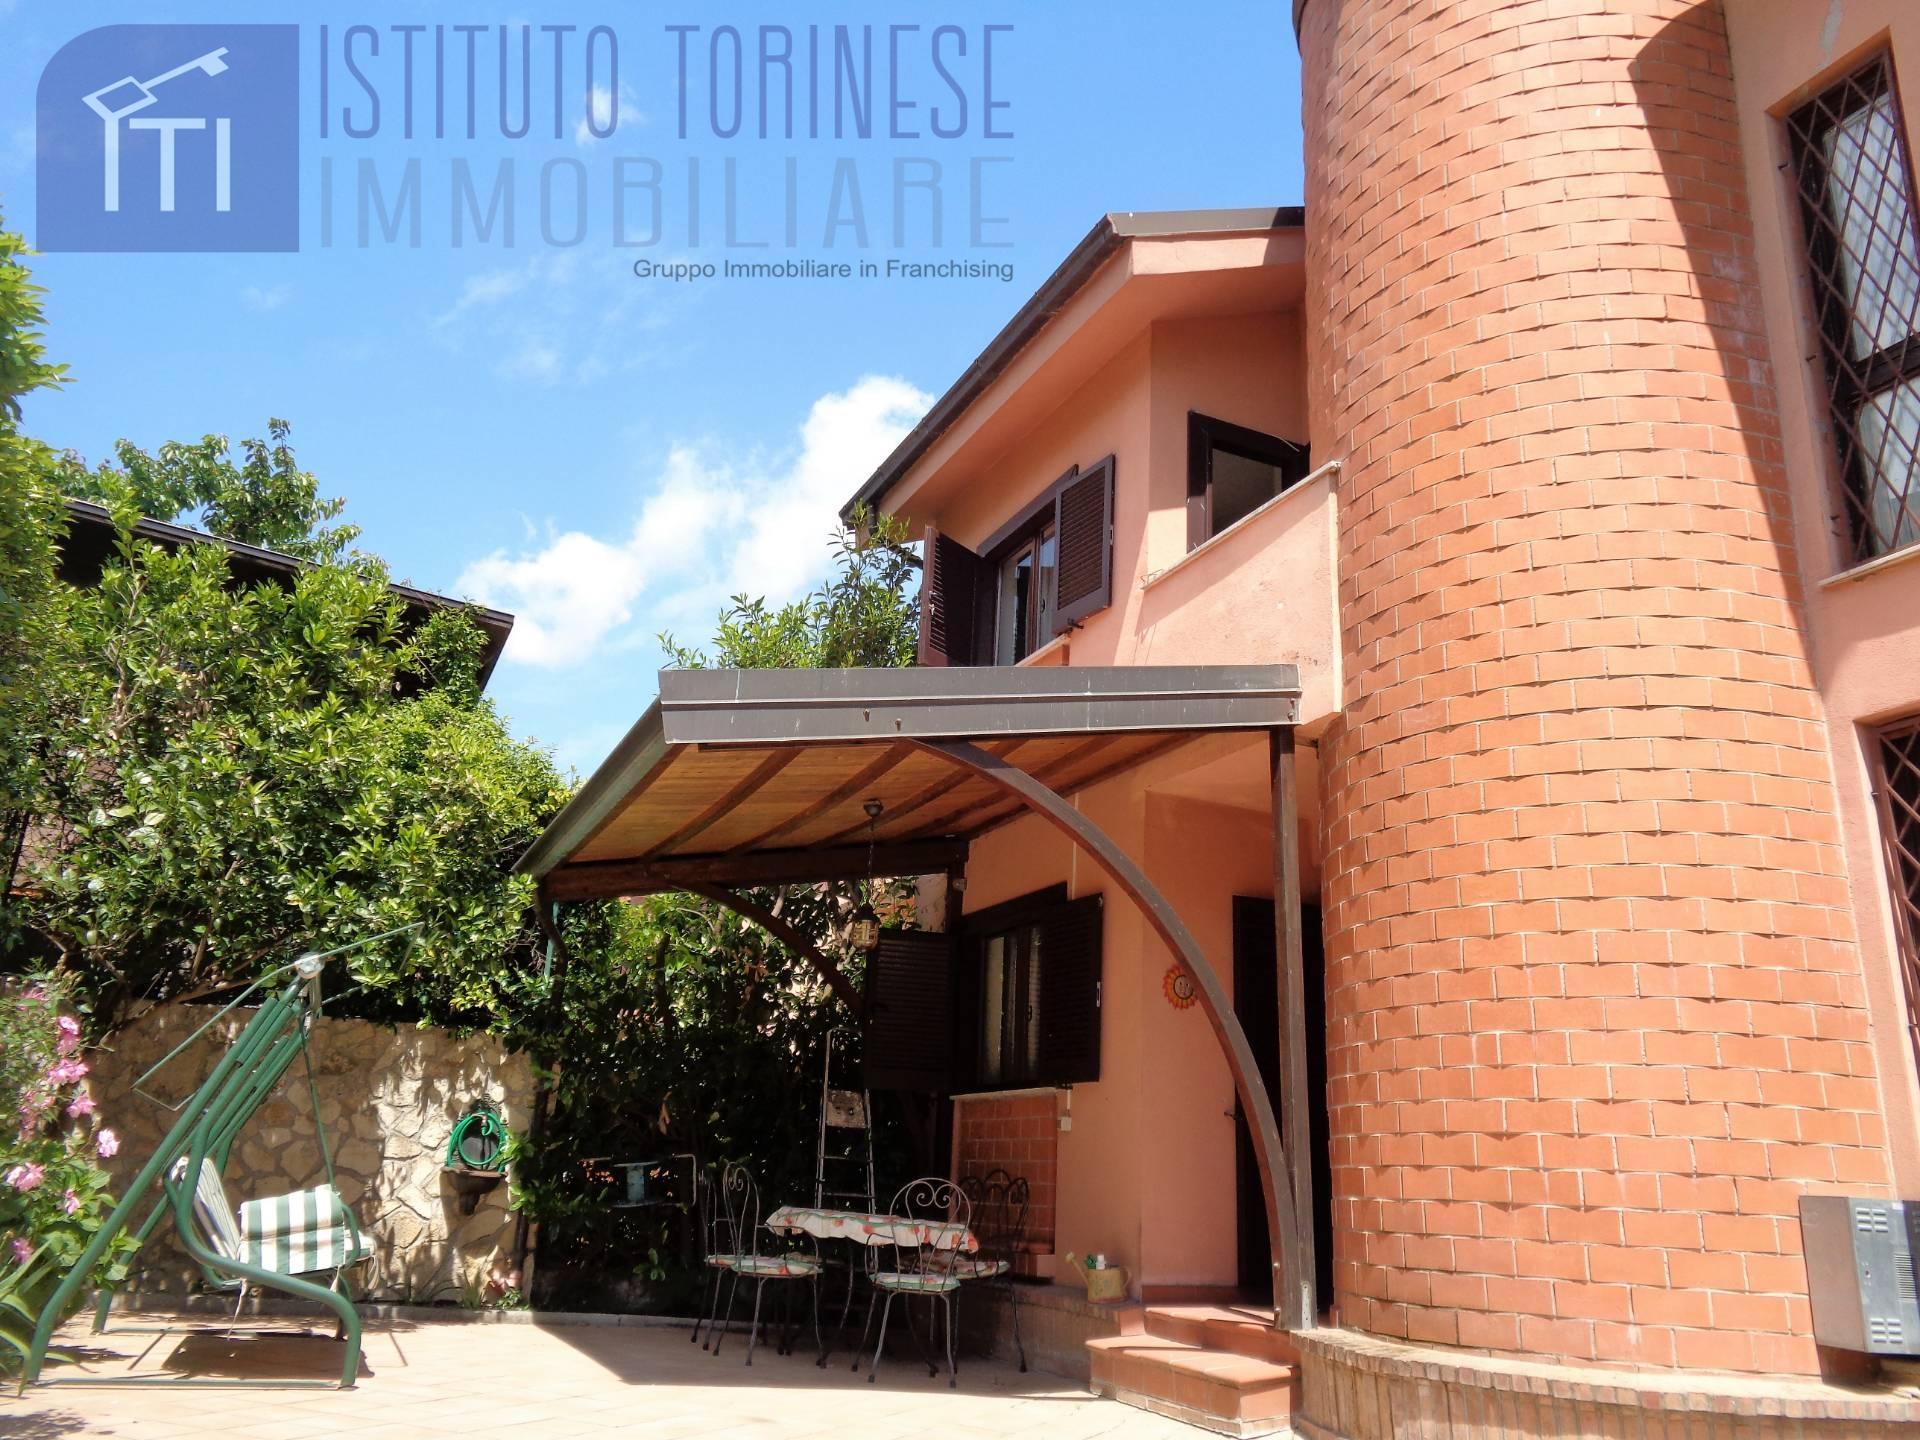 Villa in vendita a Cassino, 6 locali, zona Località: S.AngeloinTheodice, prezzo € 170.000   CambioCasa.it